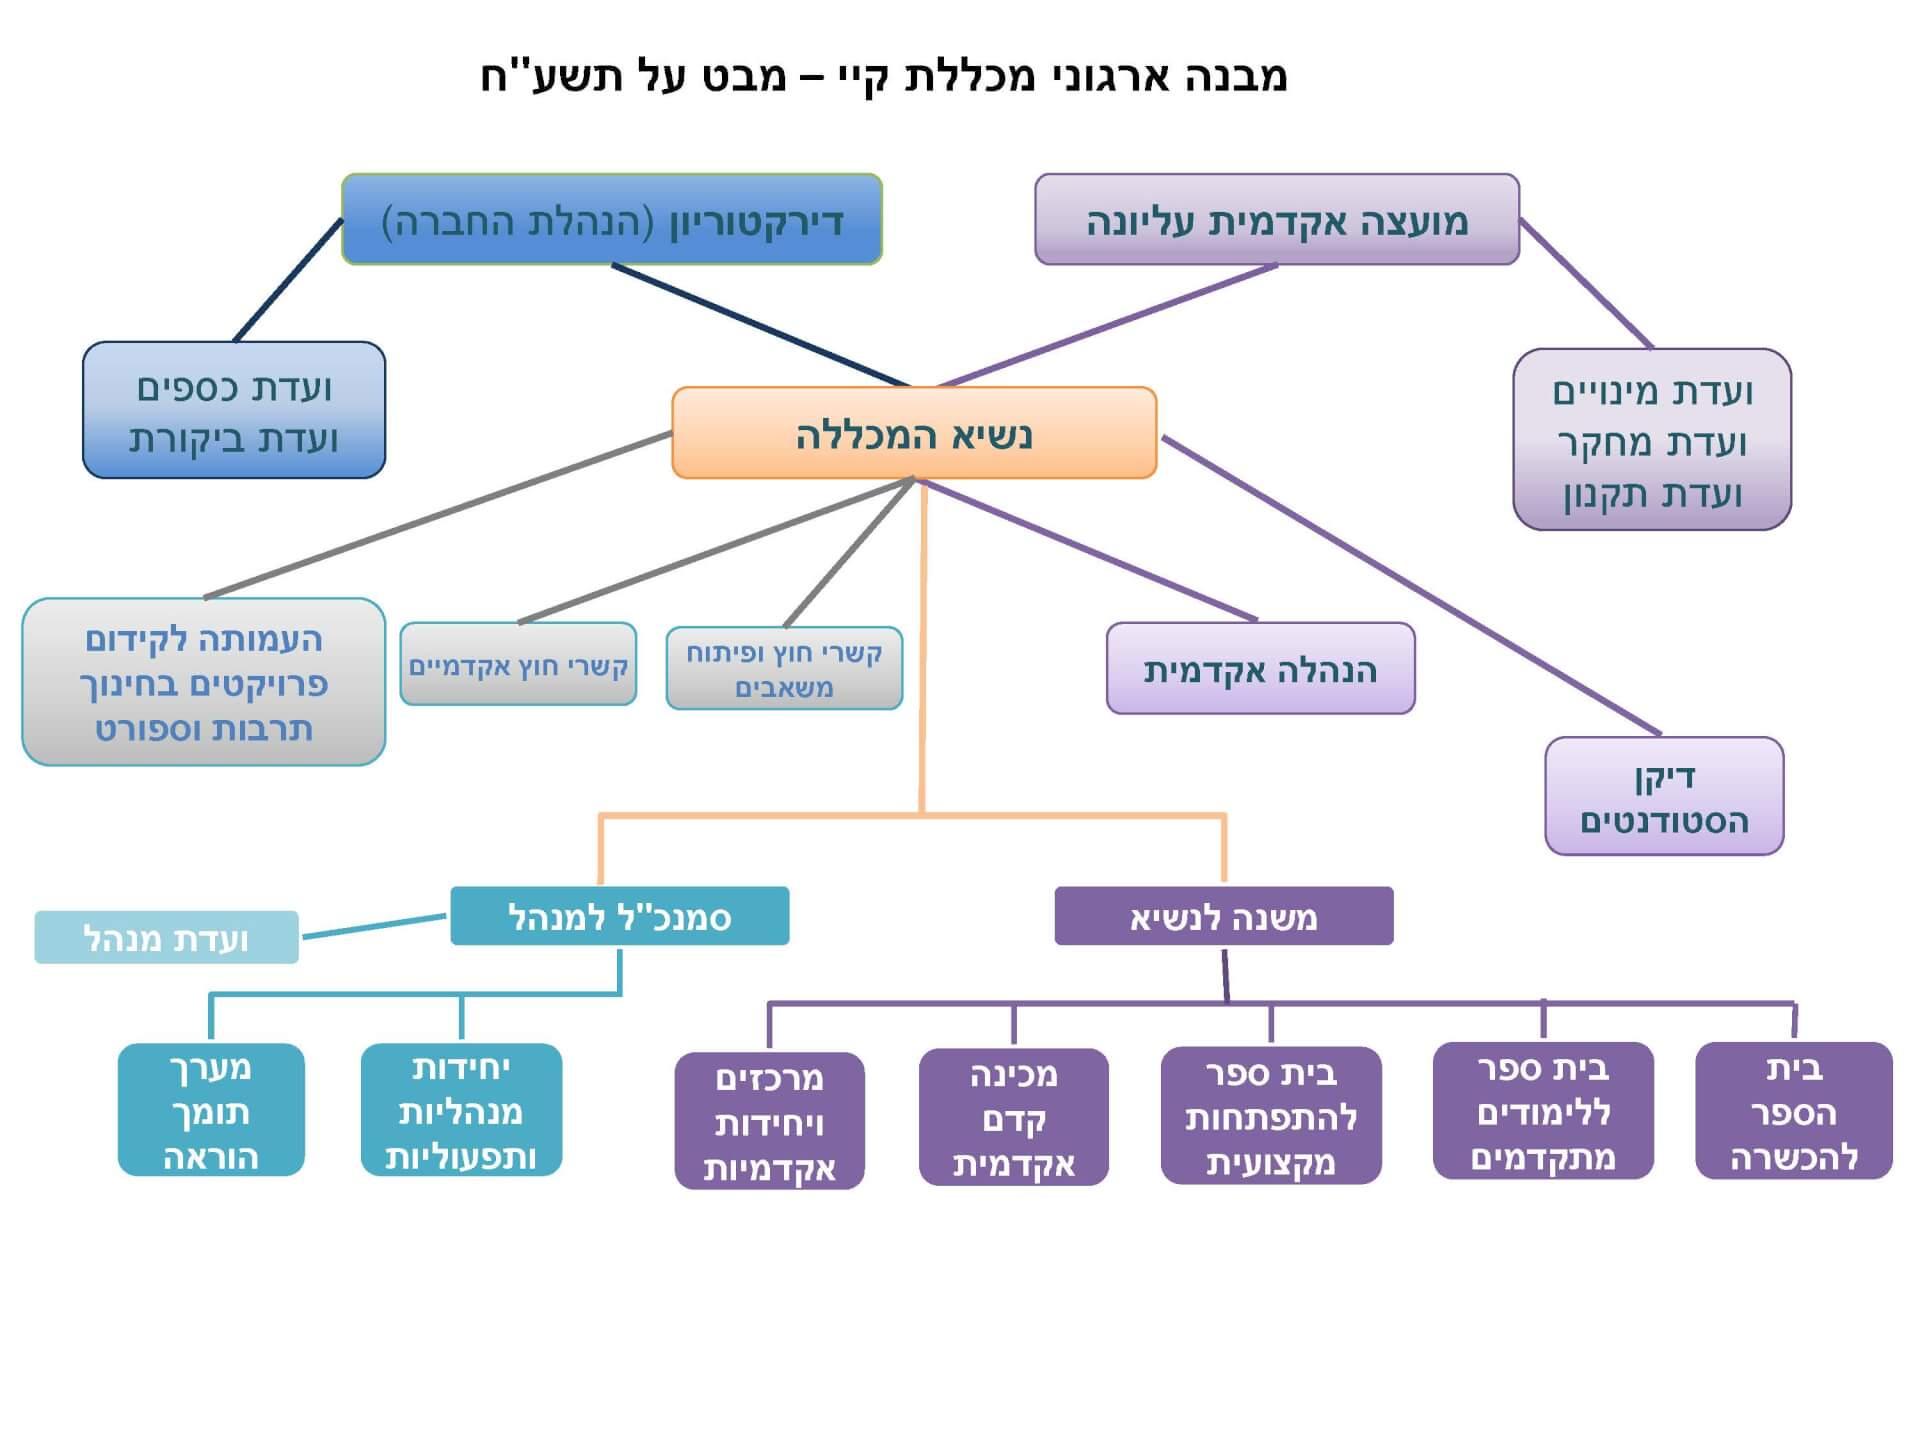 תמונה מבנה ארגוני קיי